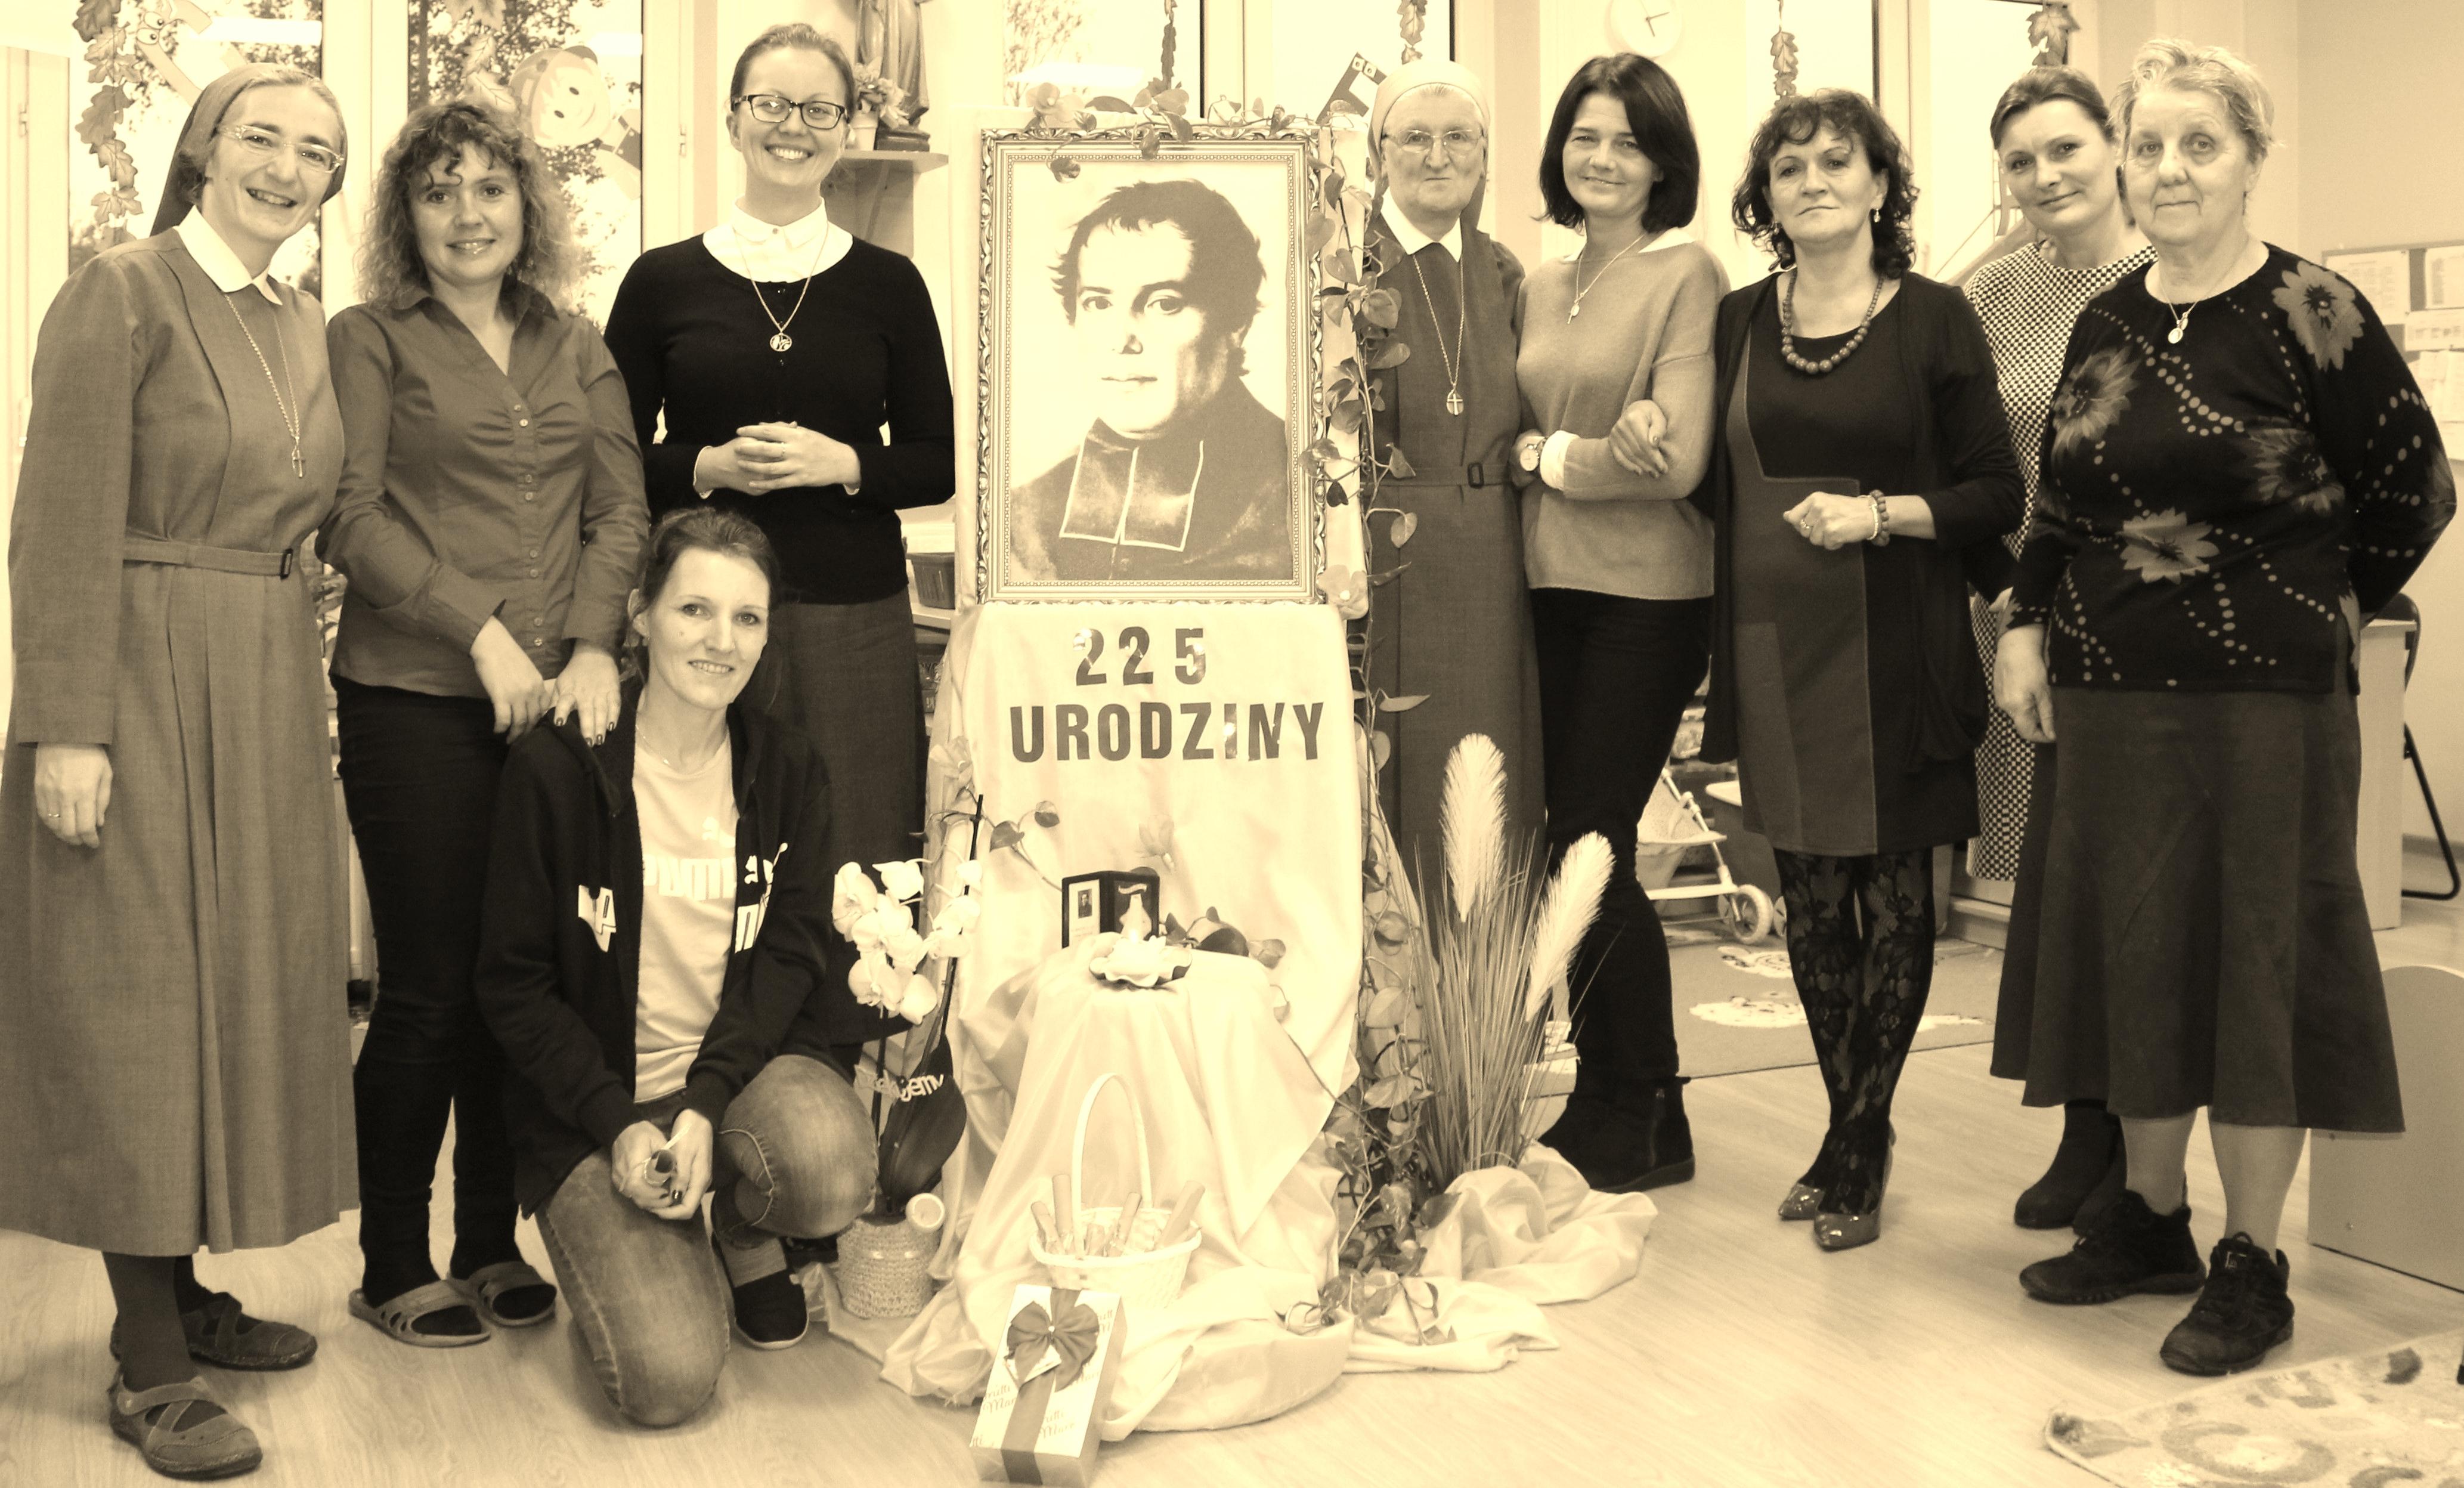 225 urodziny Założyciela w Skierniewicach